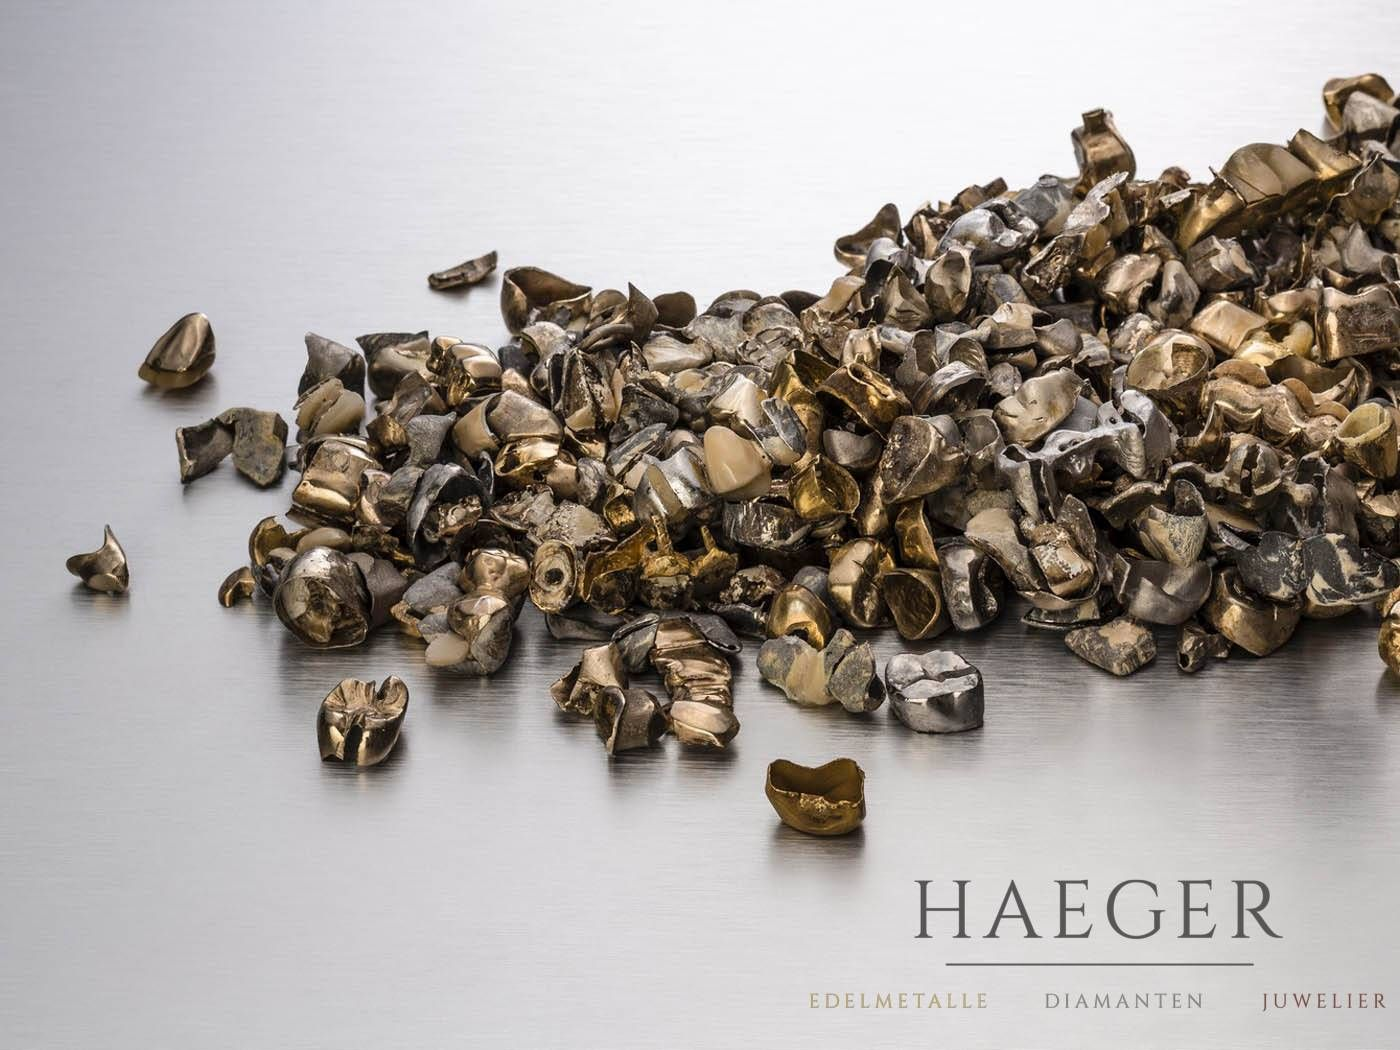 Zahngoldankauf In Berlin Einfach Schnell Und Ohne Risiko Gold Verkaufen Zahnfüllung Zähne